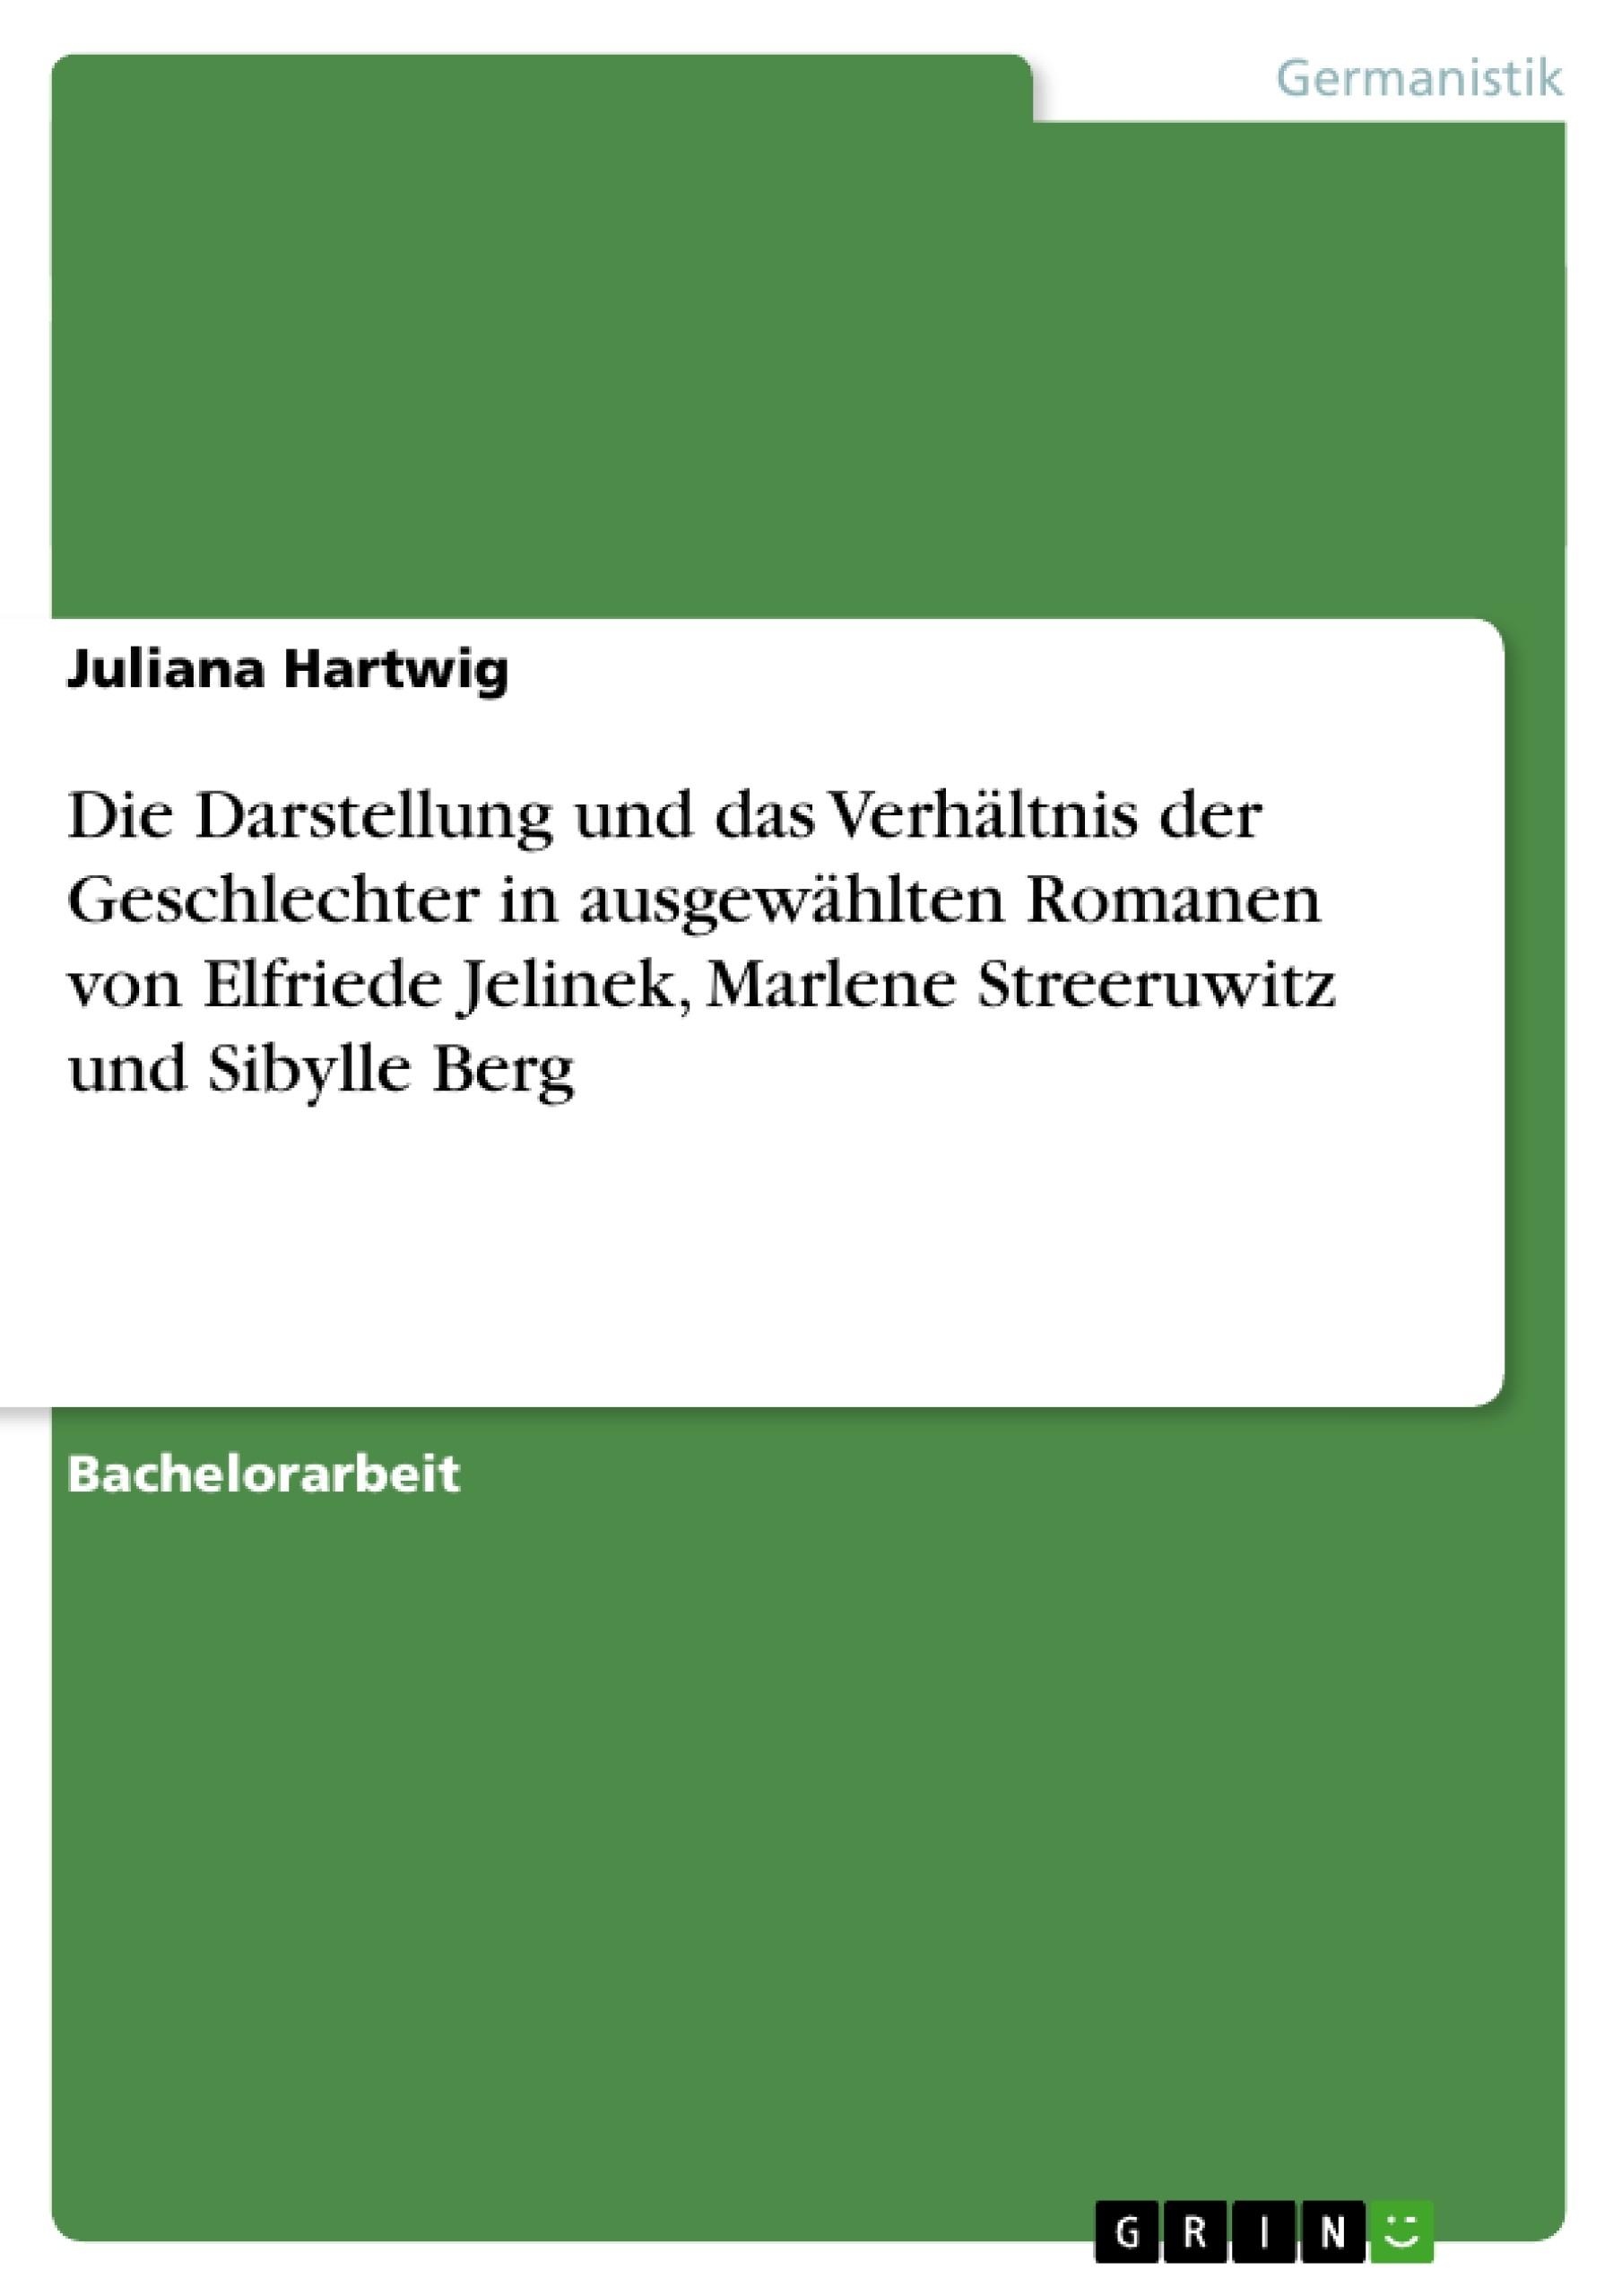 Titel: Die Darstellung und das Verhältnis der Geschlechter in ausgewählten Romanen von Elfriede Jelinek, Marlene Streeruwitz und Sibylle Berg